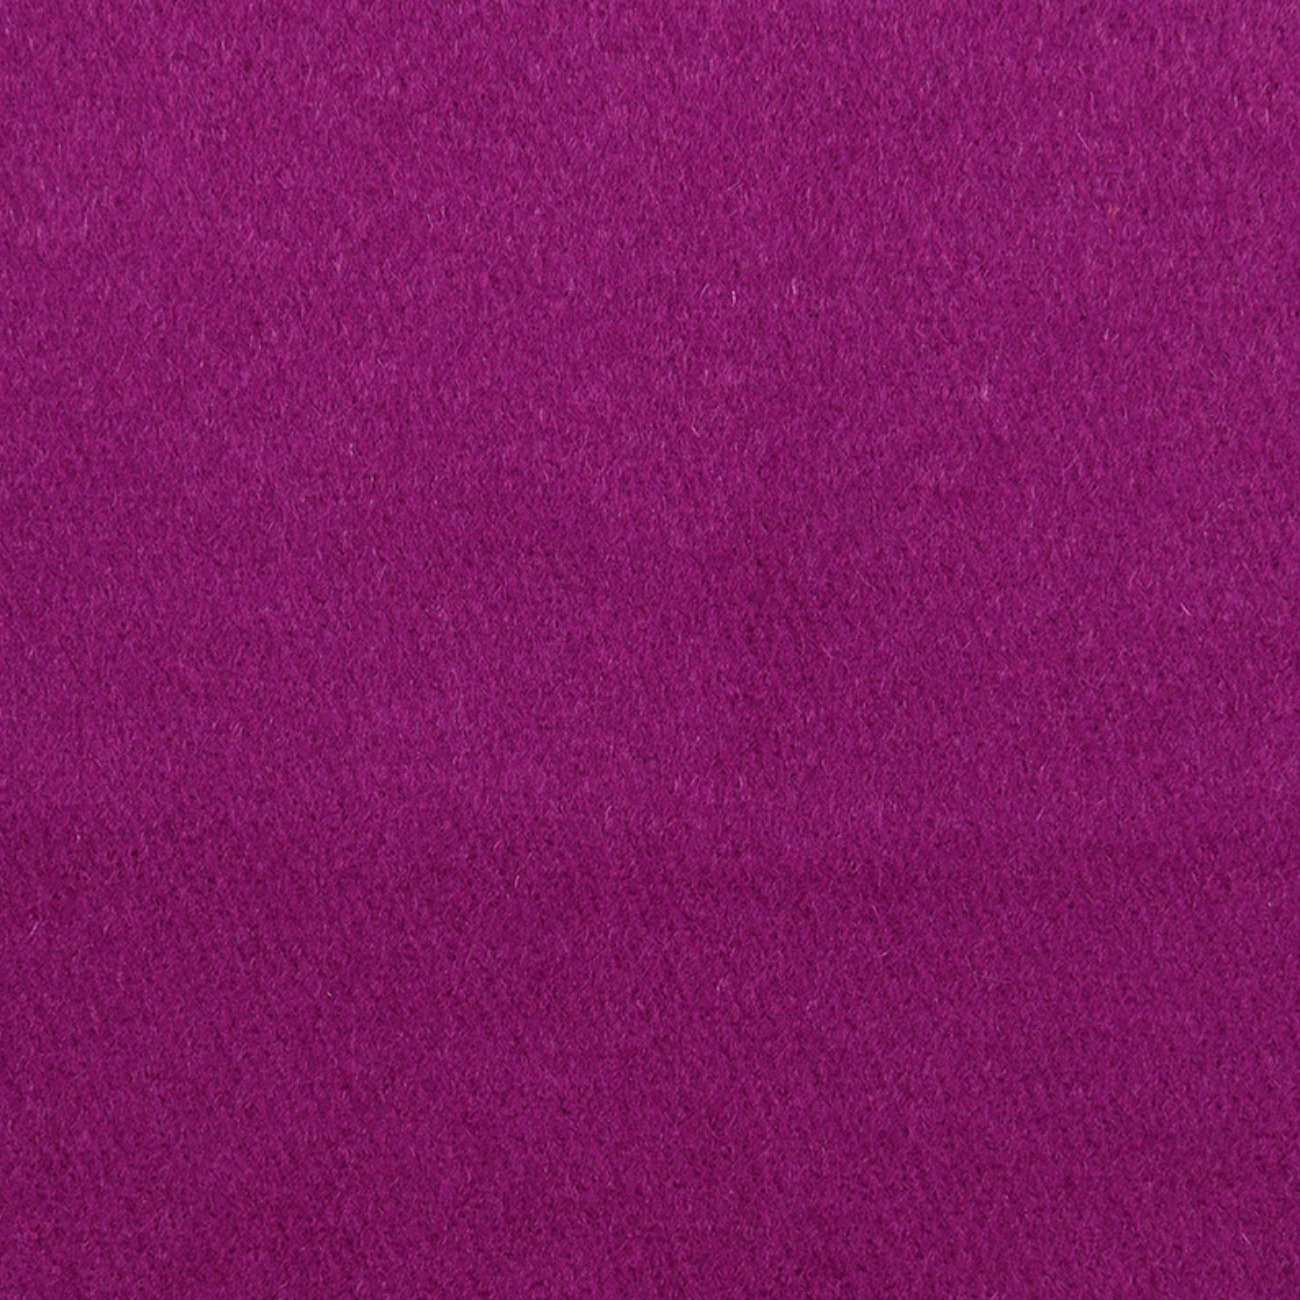 素色 梭織 單面 無彈 大衣 外套 柔軟 細膩 絨感 男裝 女裝 童裝 秋冬 羊毛 71019-20